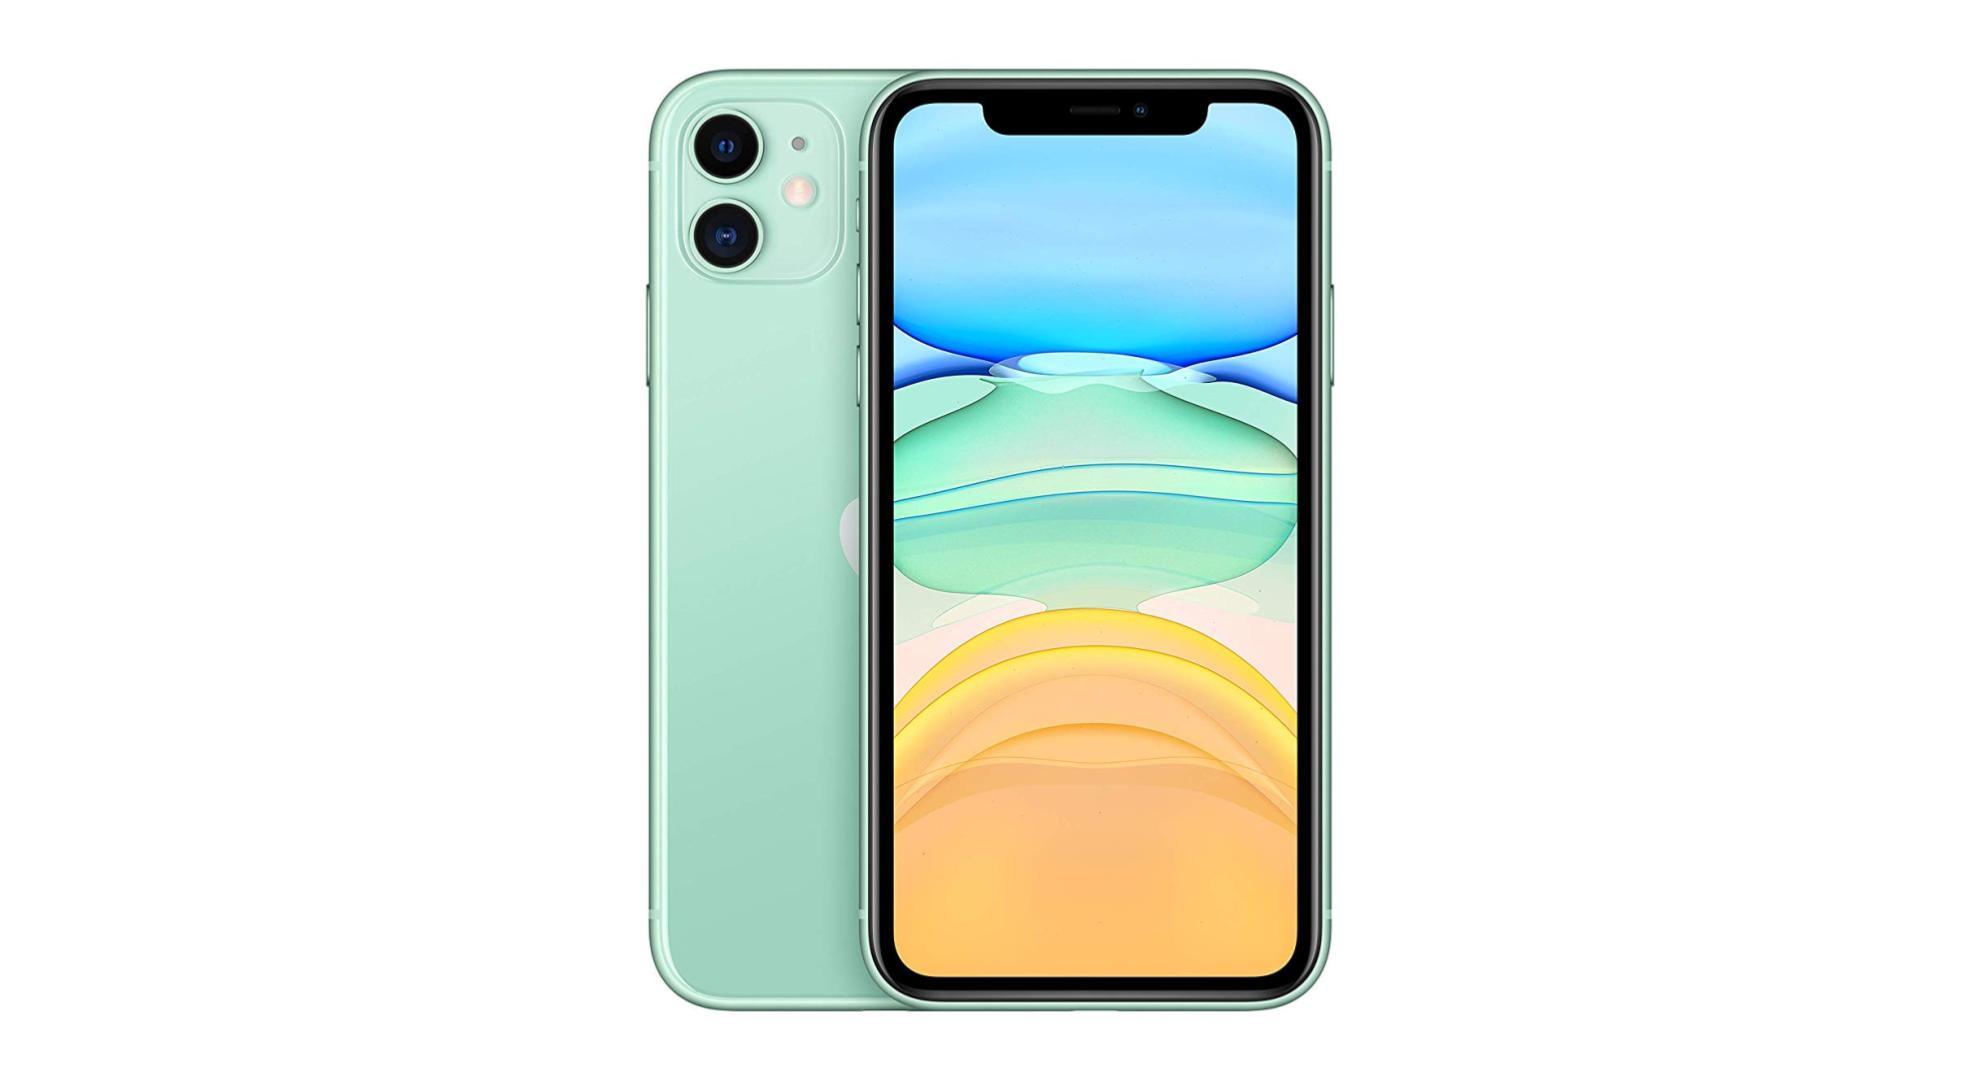 Quoi, l'Apple iPhone11 (64, 128 ou 256 Go) est encore en promotion?